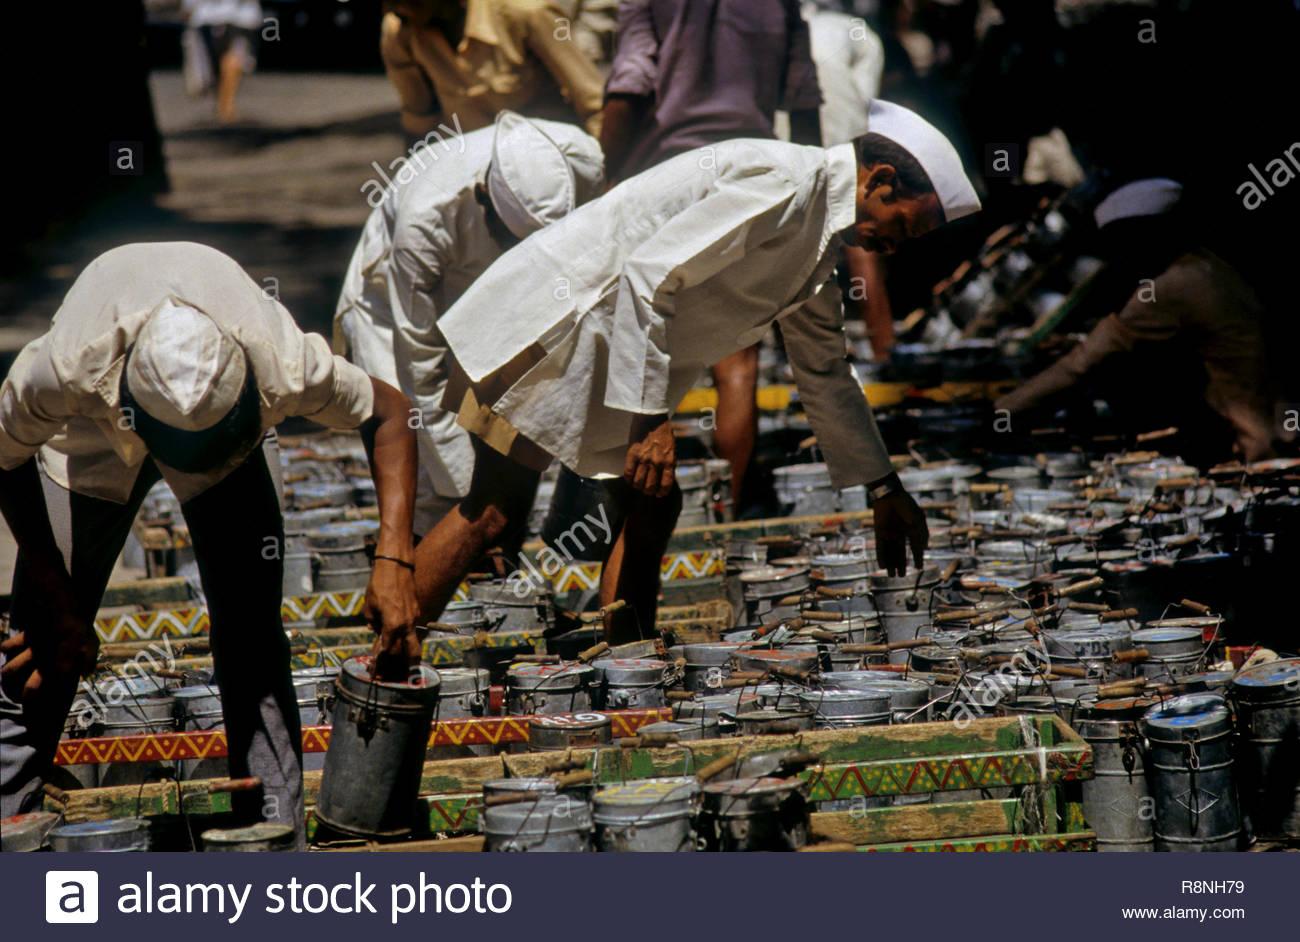 dabbawallas deliver, bombay mumbai, maharashtra, India - Stock Image